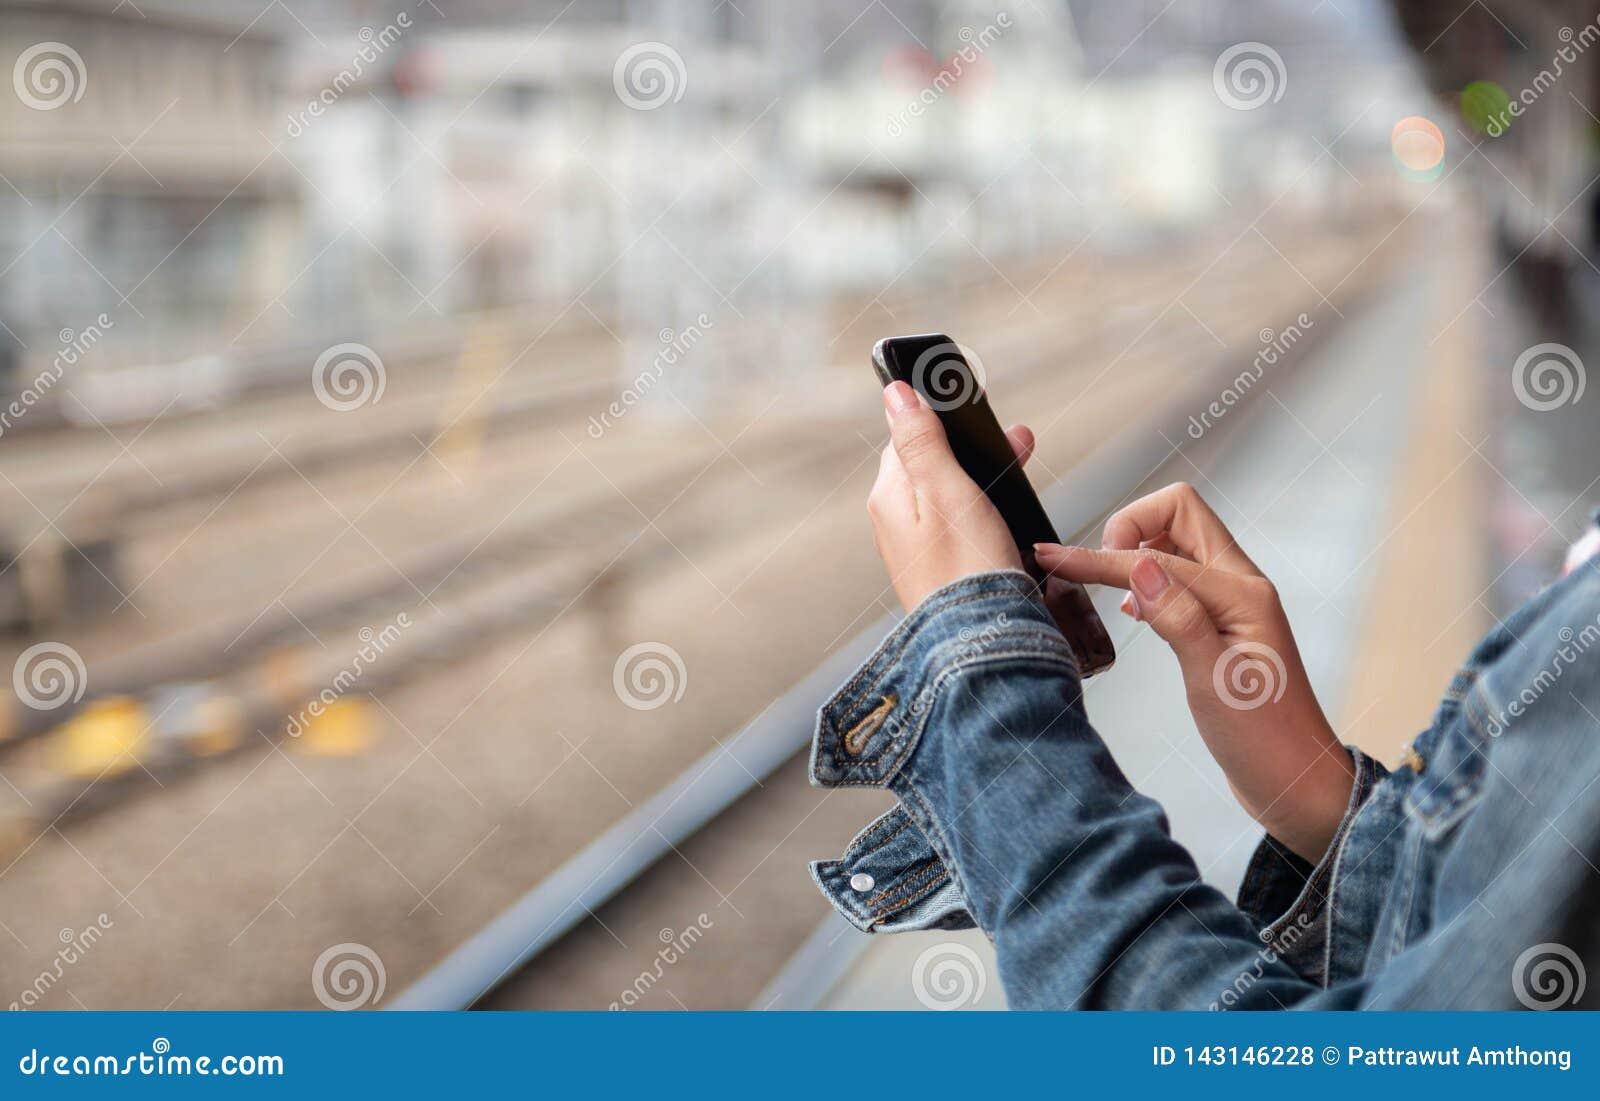 Kvinnan läser textmeddelandet på mobiltelefonen